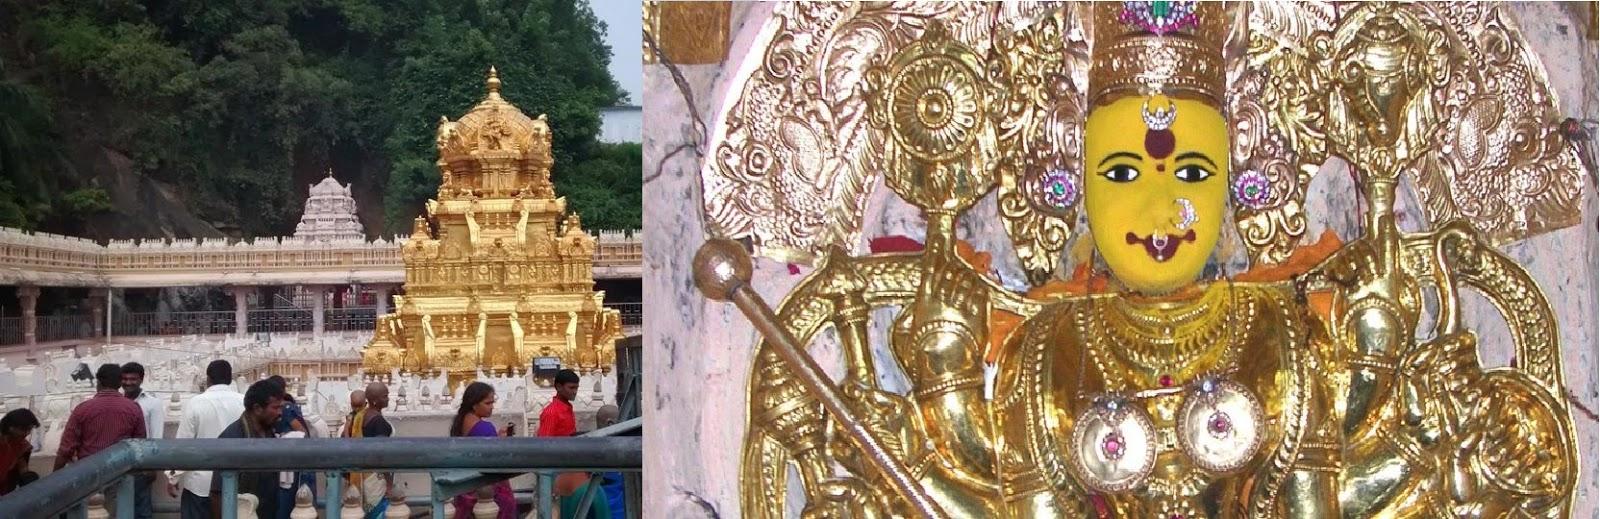 బెజవాడ కనకదుర్గమ్మ ఆలయం - Kanakadurgamma Temple - Vijayawada